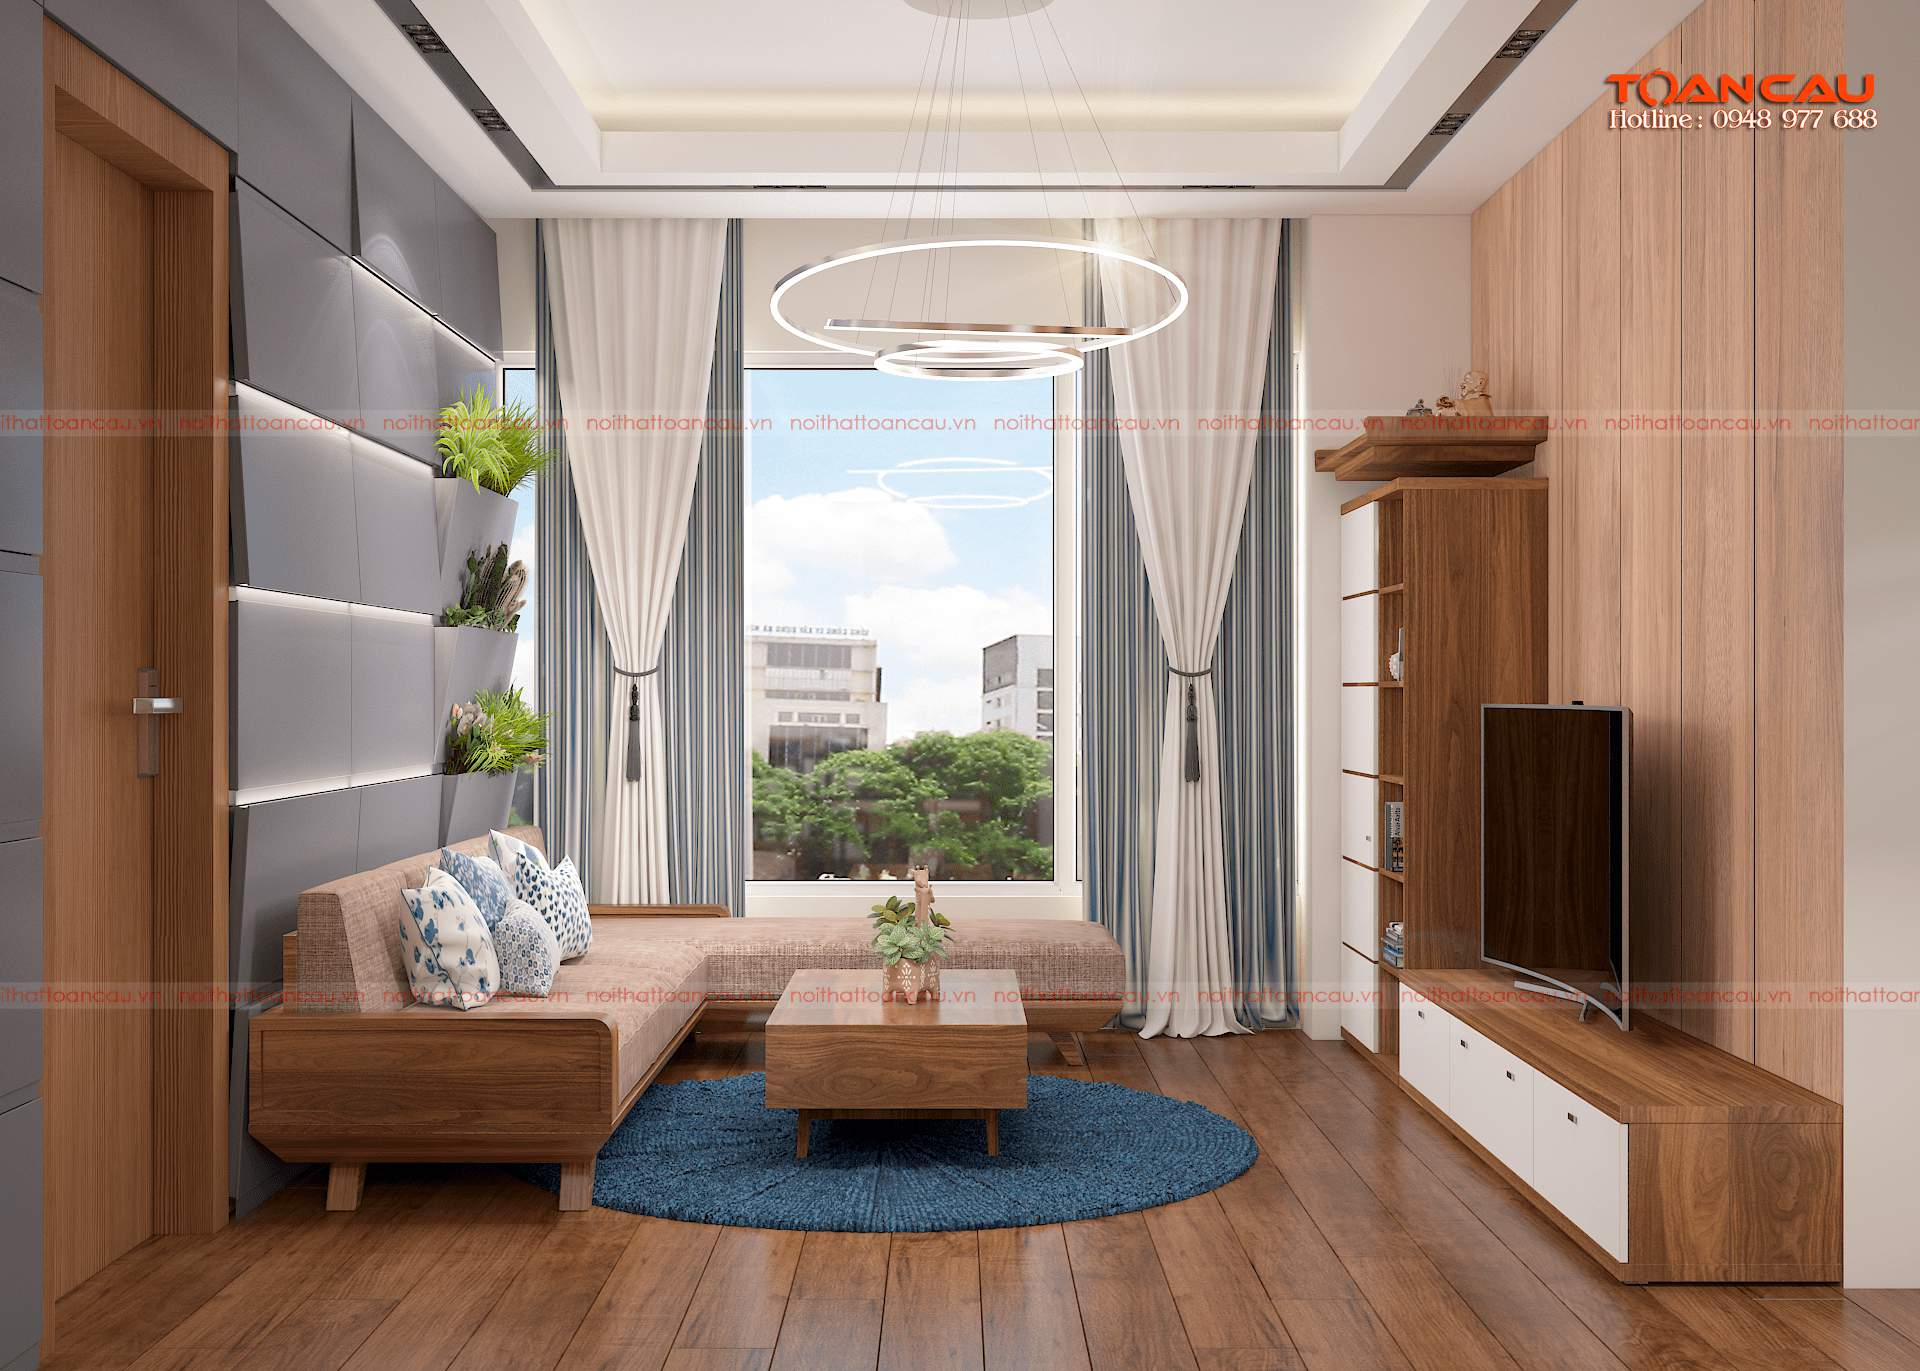 Thiết kế phòng khách nhỏ gỗ công nghiệp An cường đẹp nhất